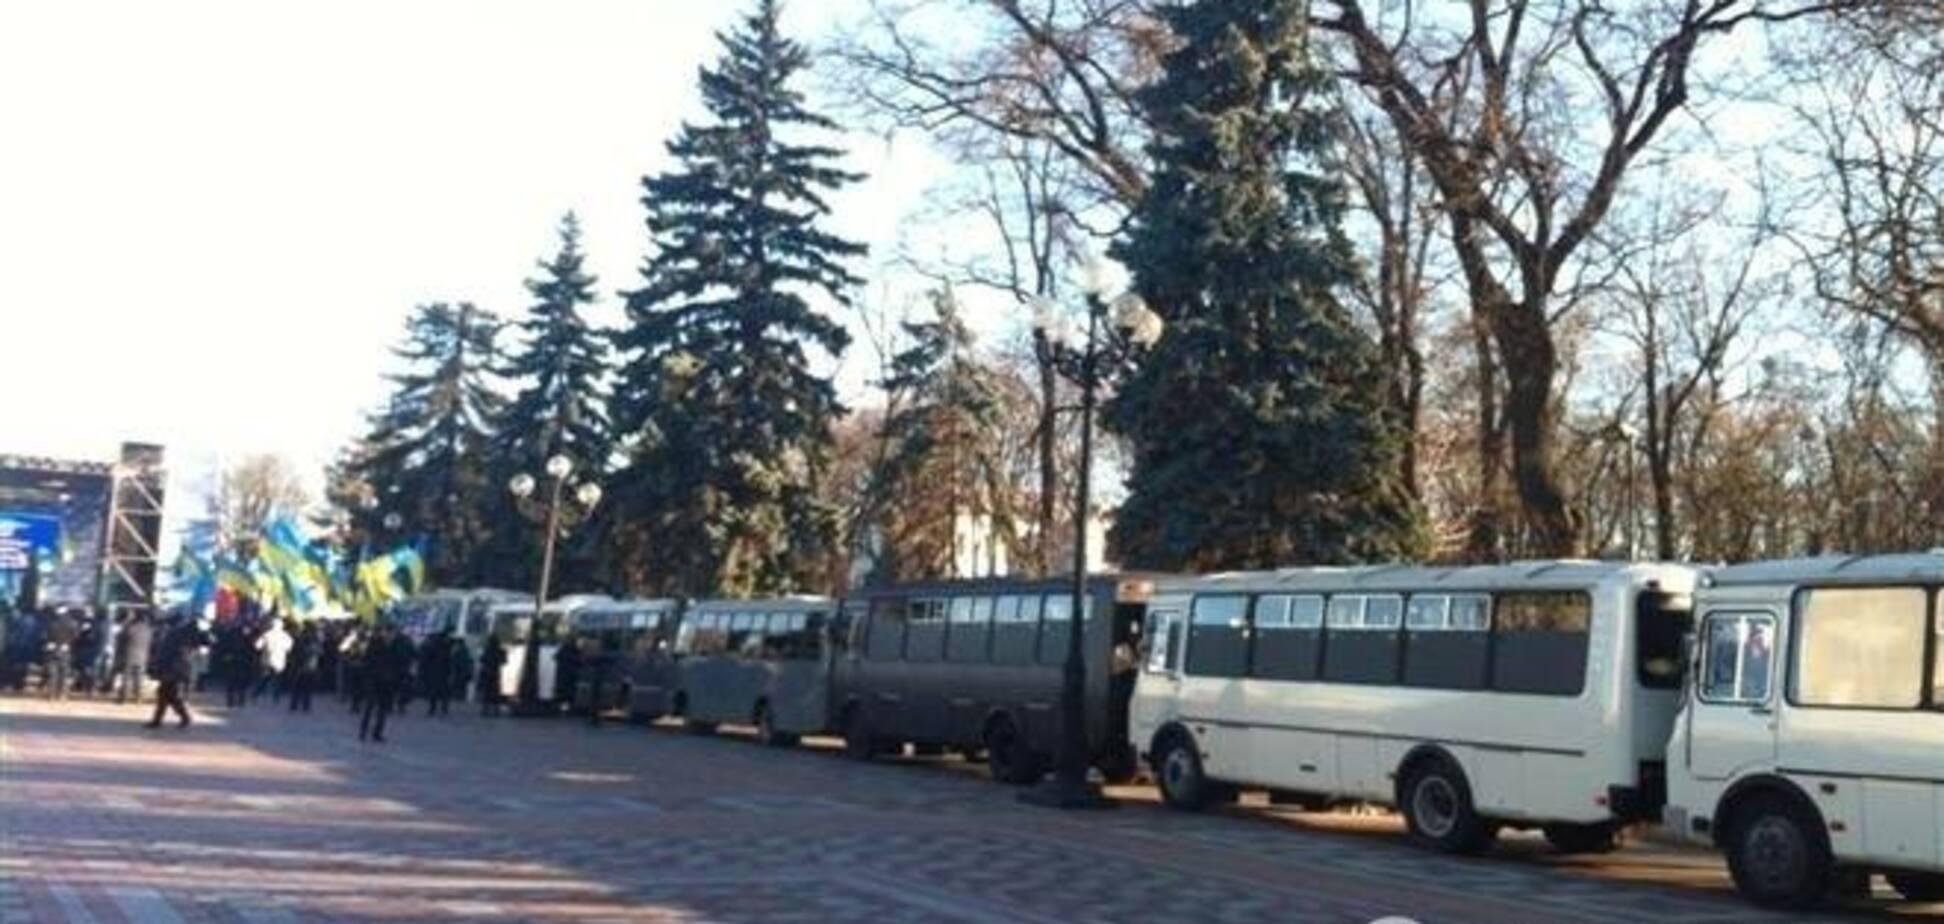 Массовые мероприятия в Киеве проходят спокойно - милиция